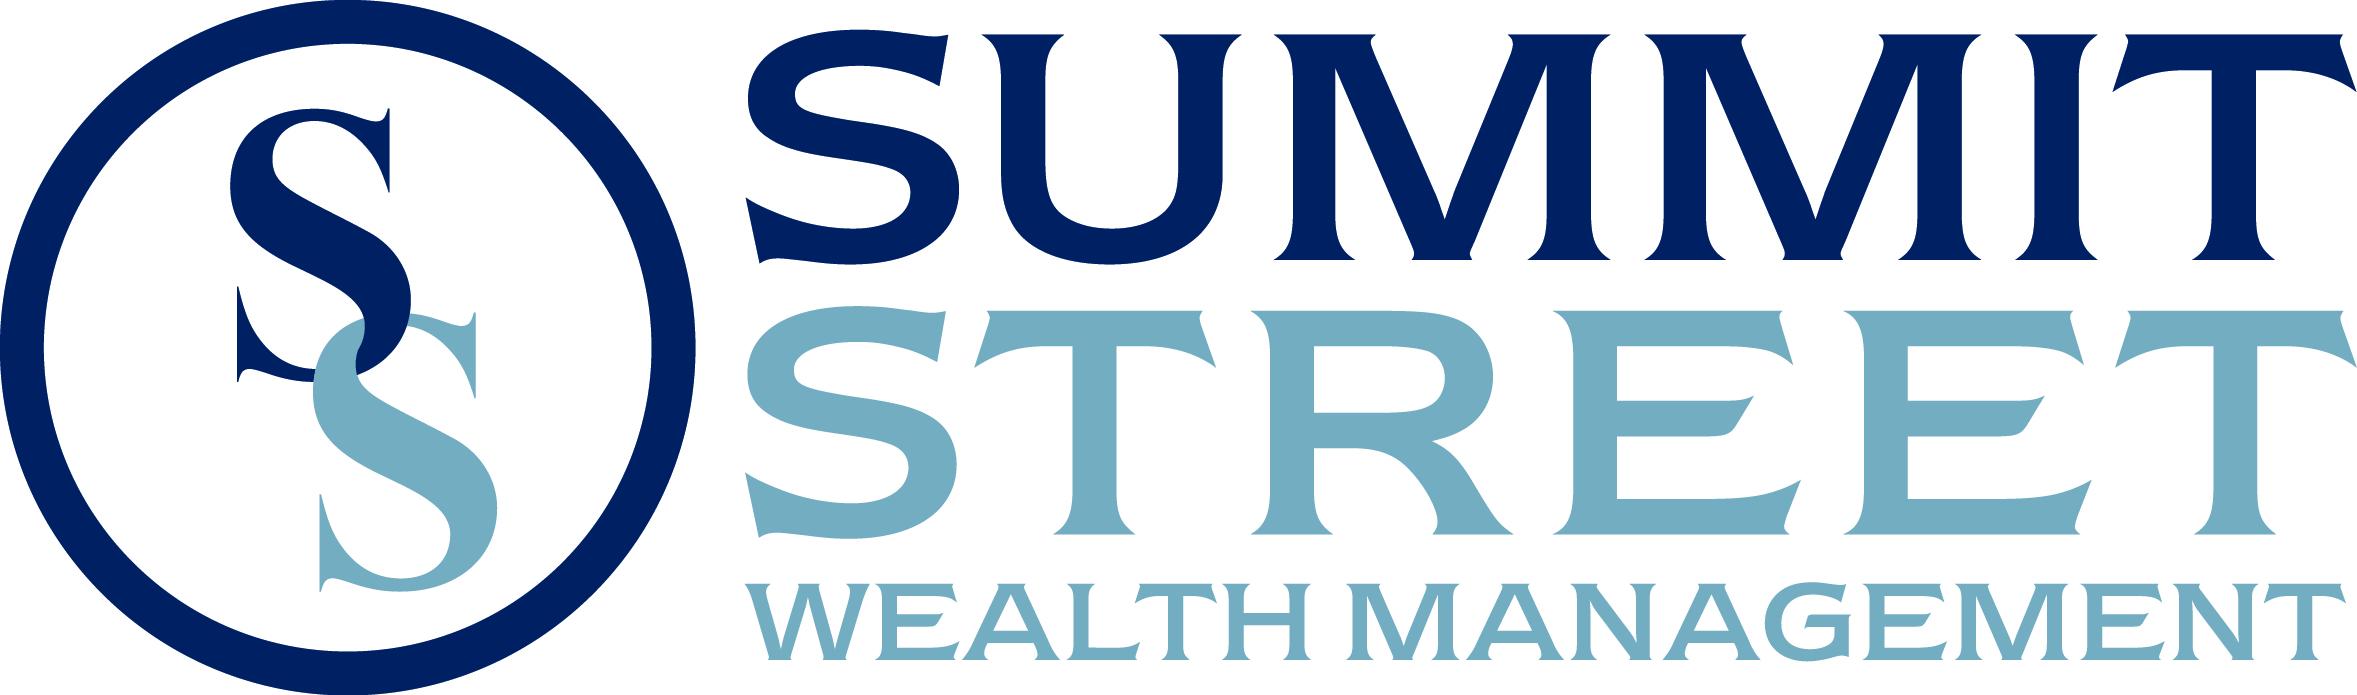 SSWM Logo PMS 540_PMS 5425